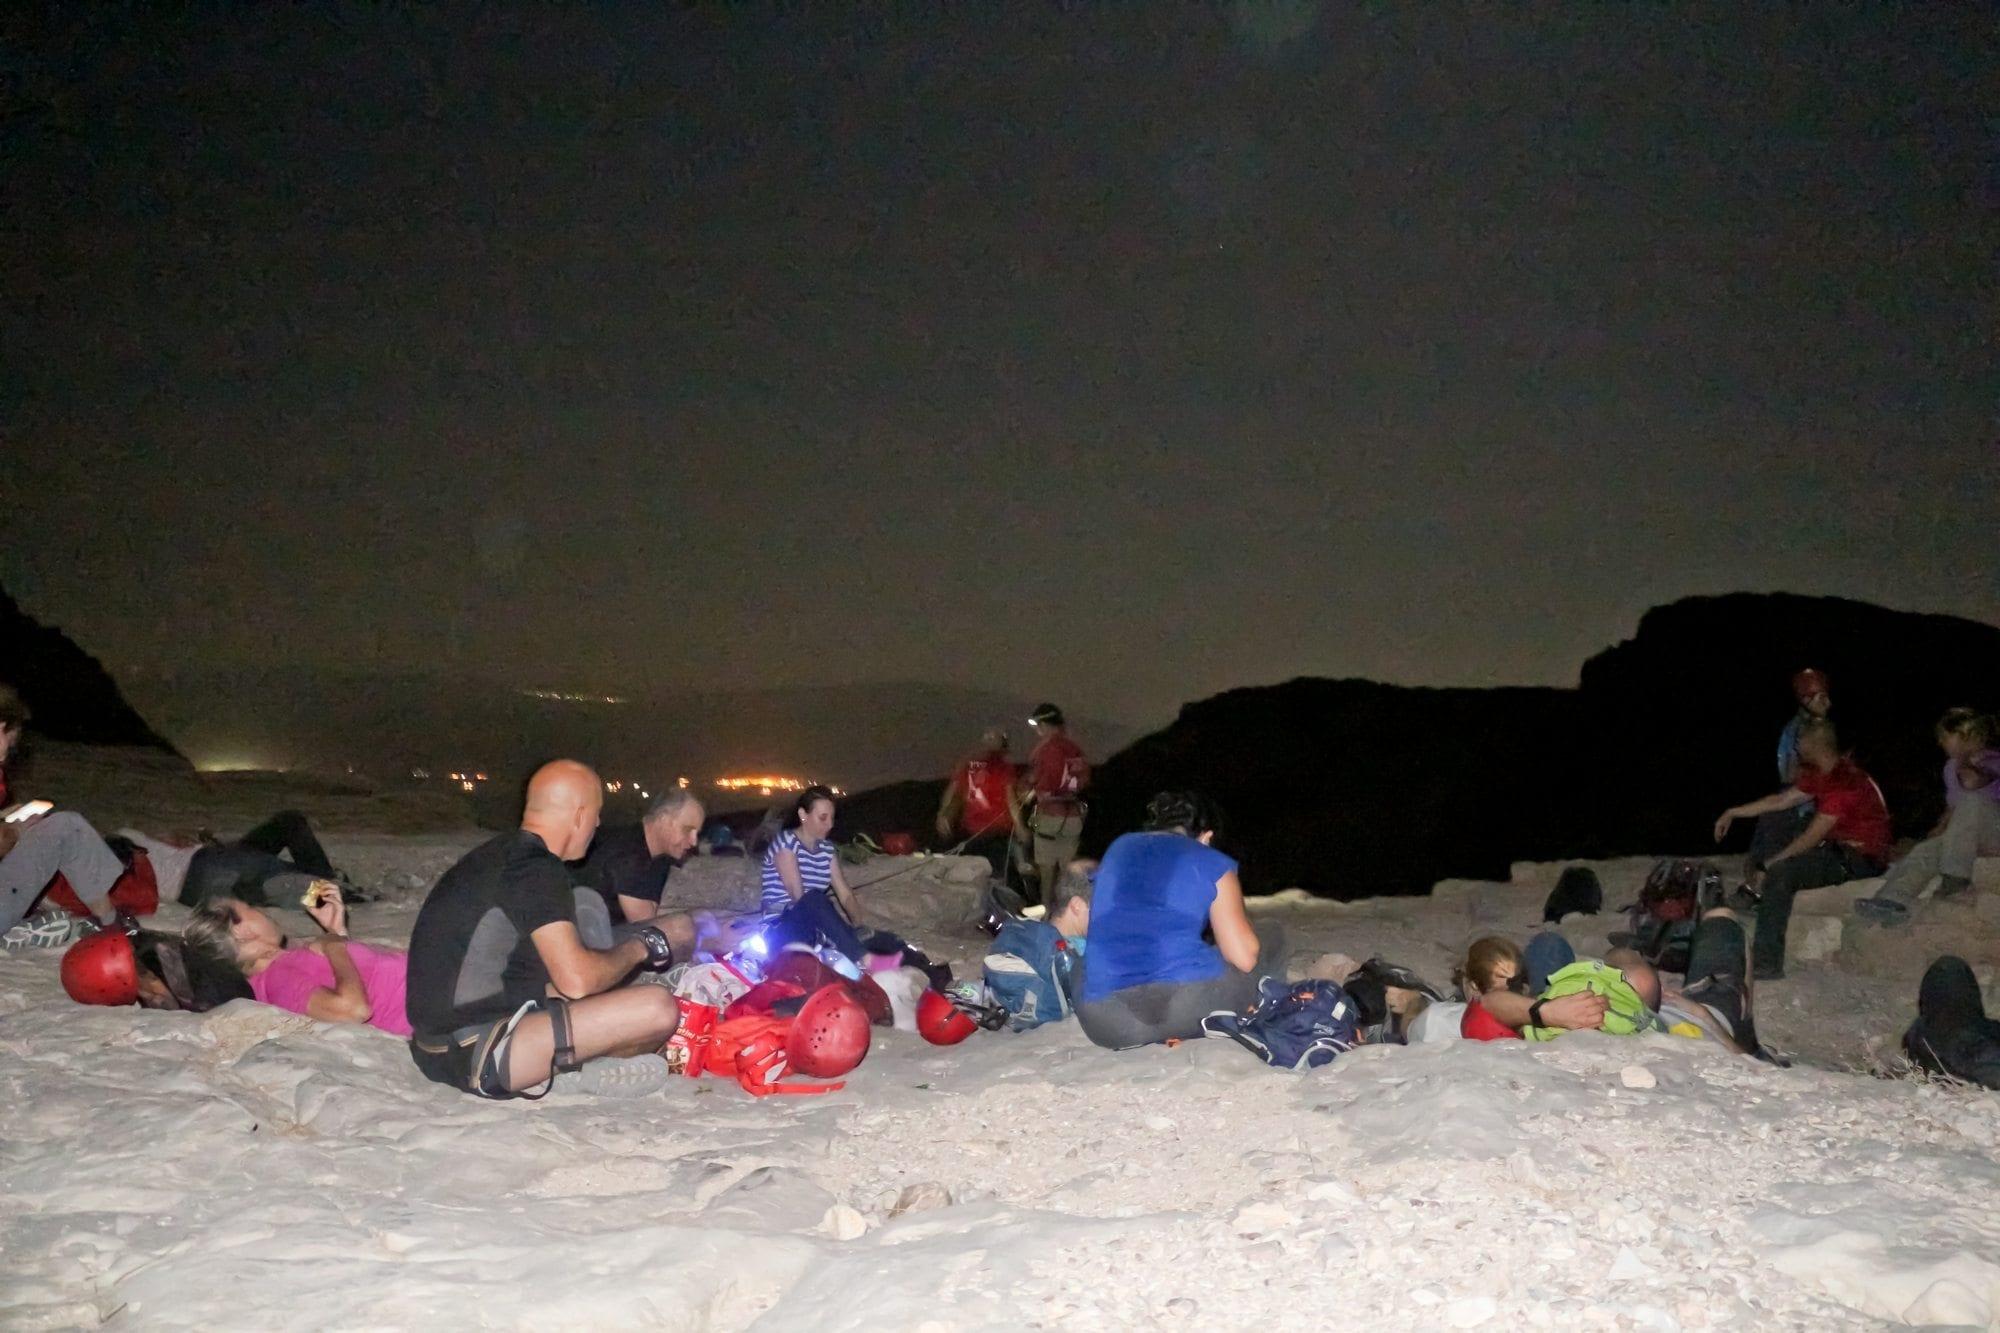 טיול לילה במדבר - ערוצים בטבע